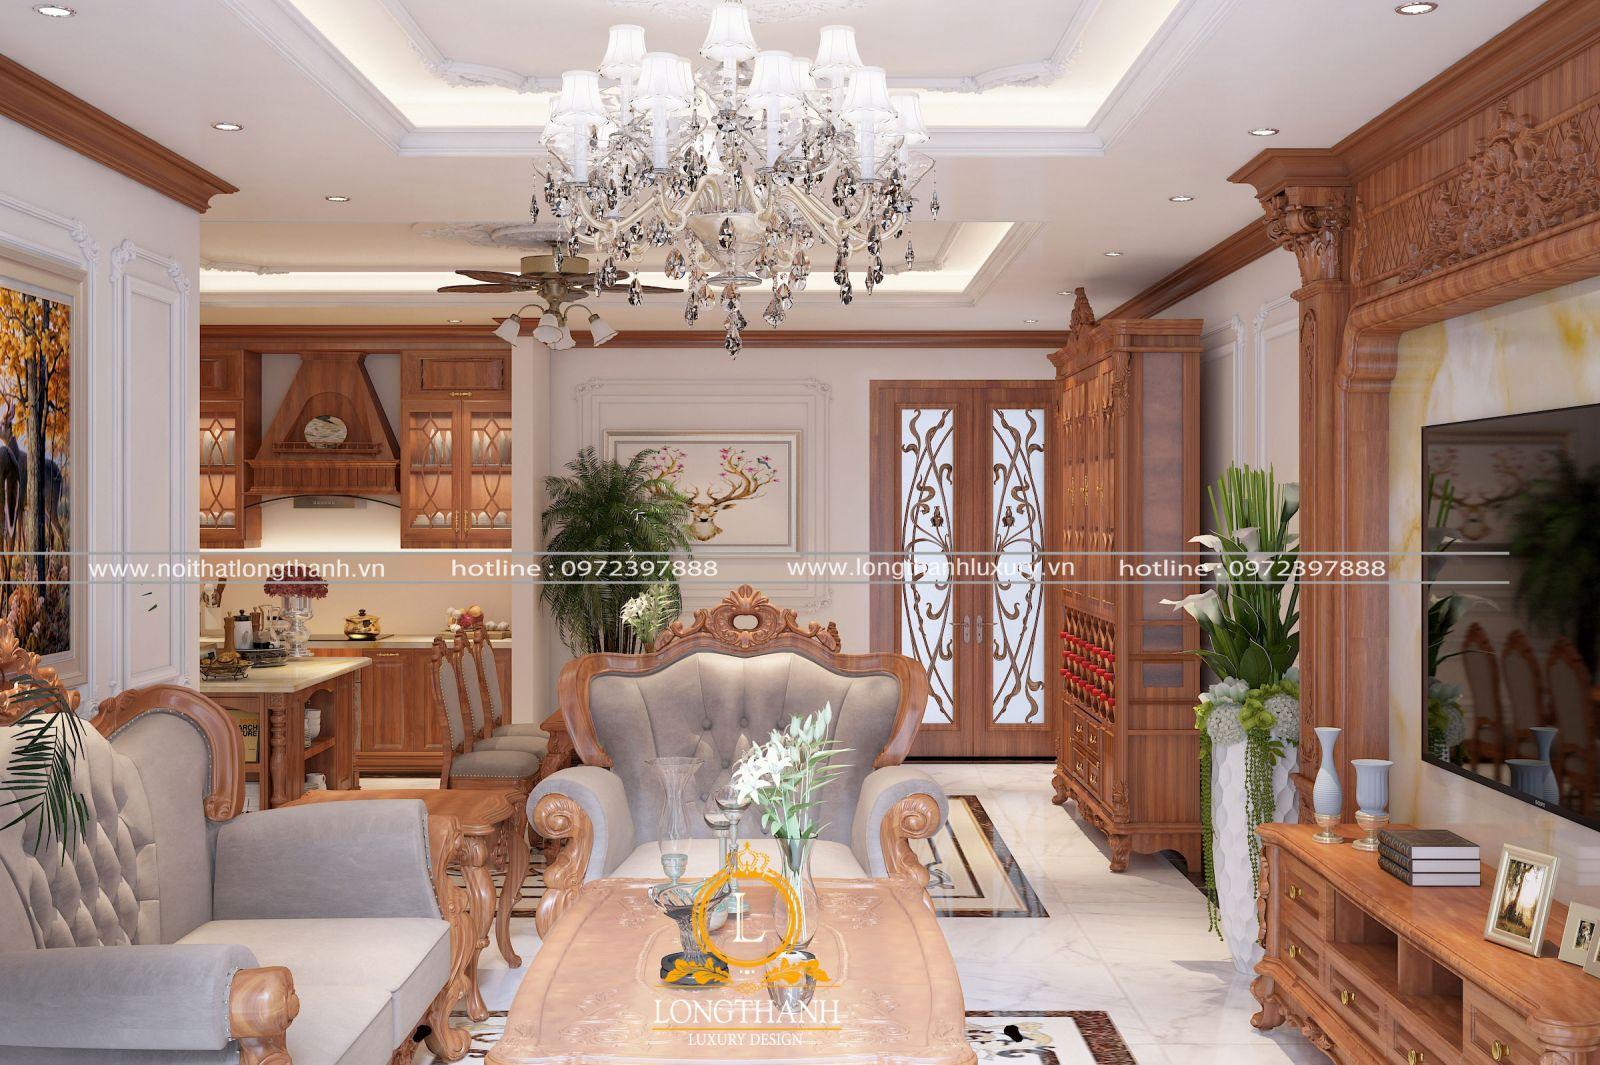 Không gian chung cư sang trọng với nội thất tân cổ điển